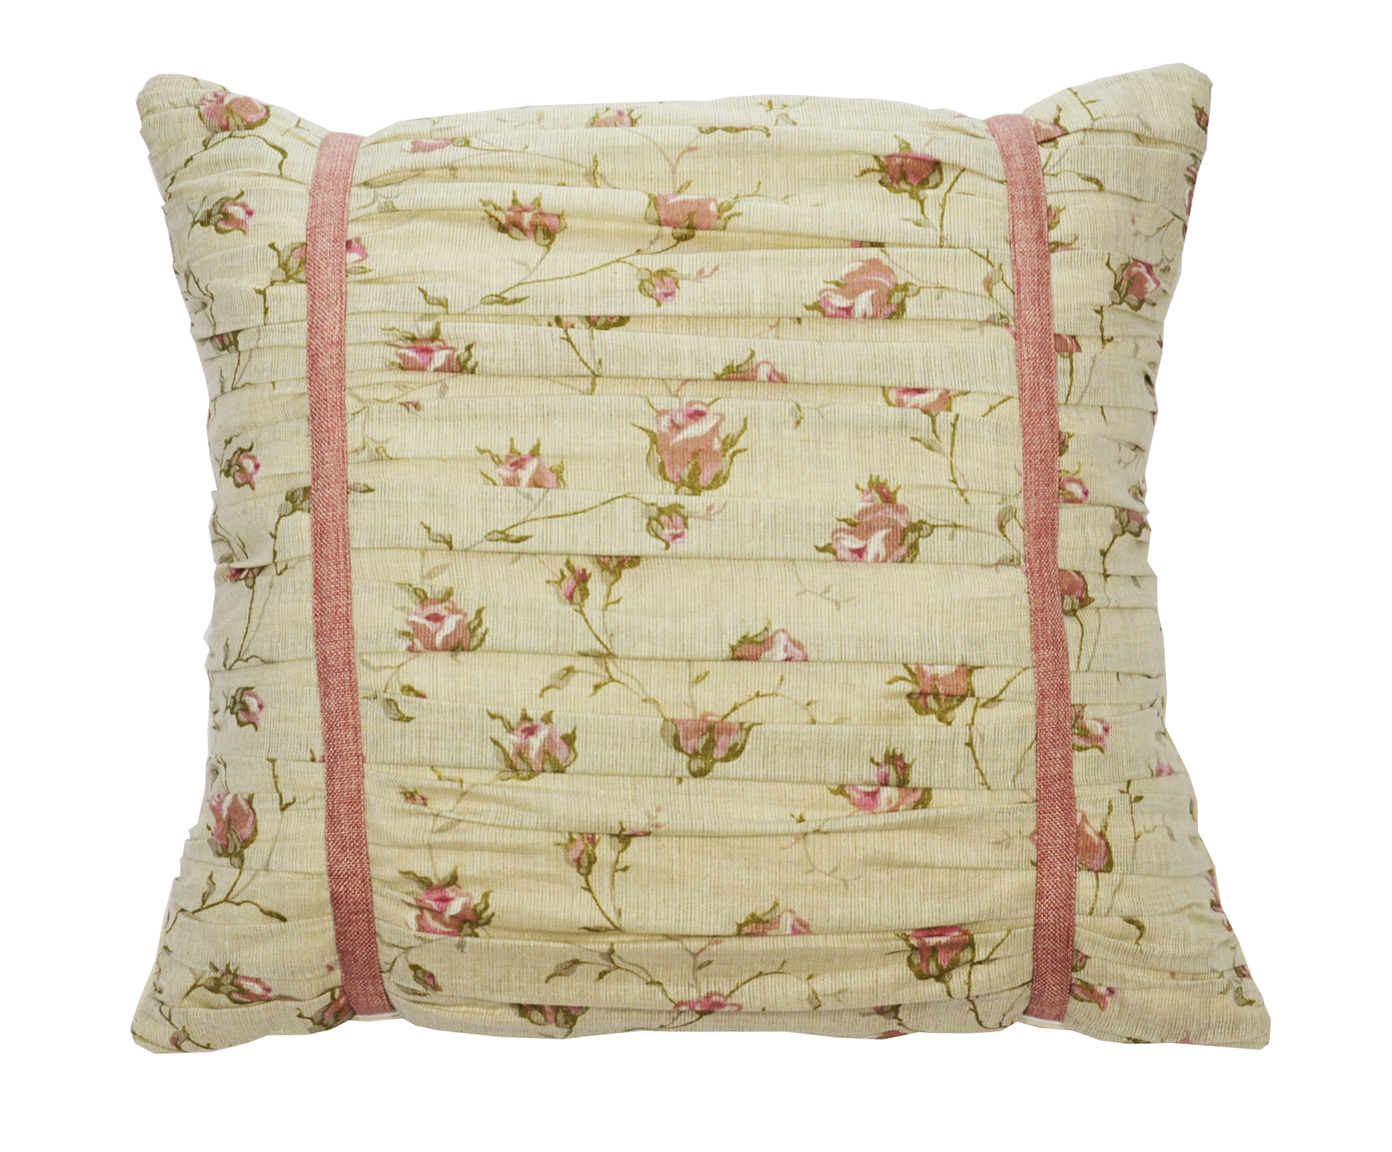 Подушка Льняные розыКвадратные подушки<br>Декоративная  подушка .Чехол съемный.<br><br>Material: Лен<br>Width см: 45<br>Depth см: 15<br>Height см: 45